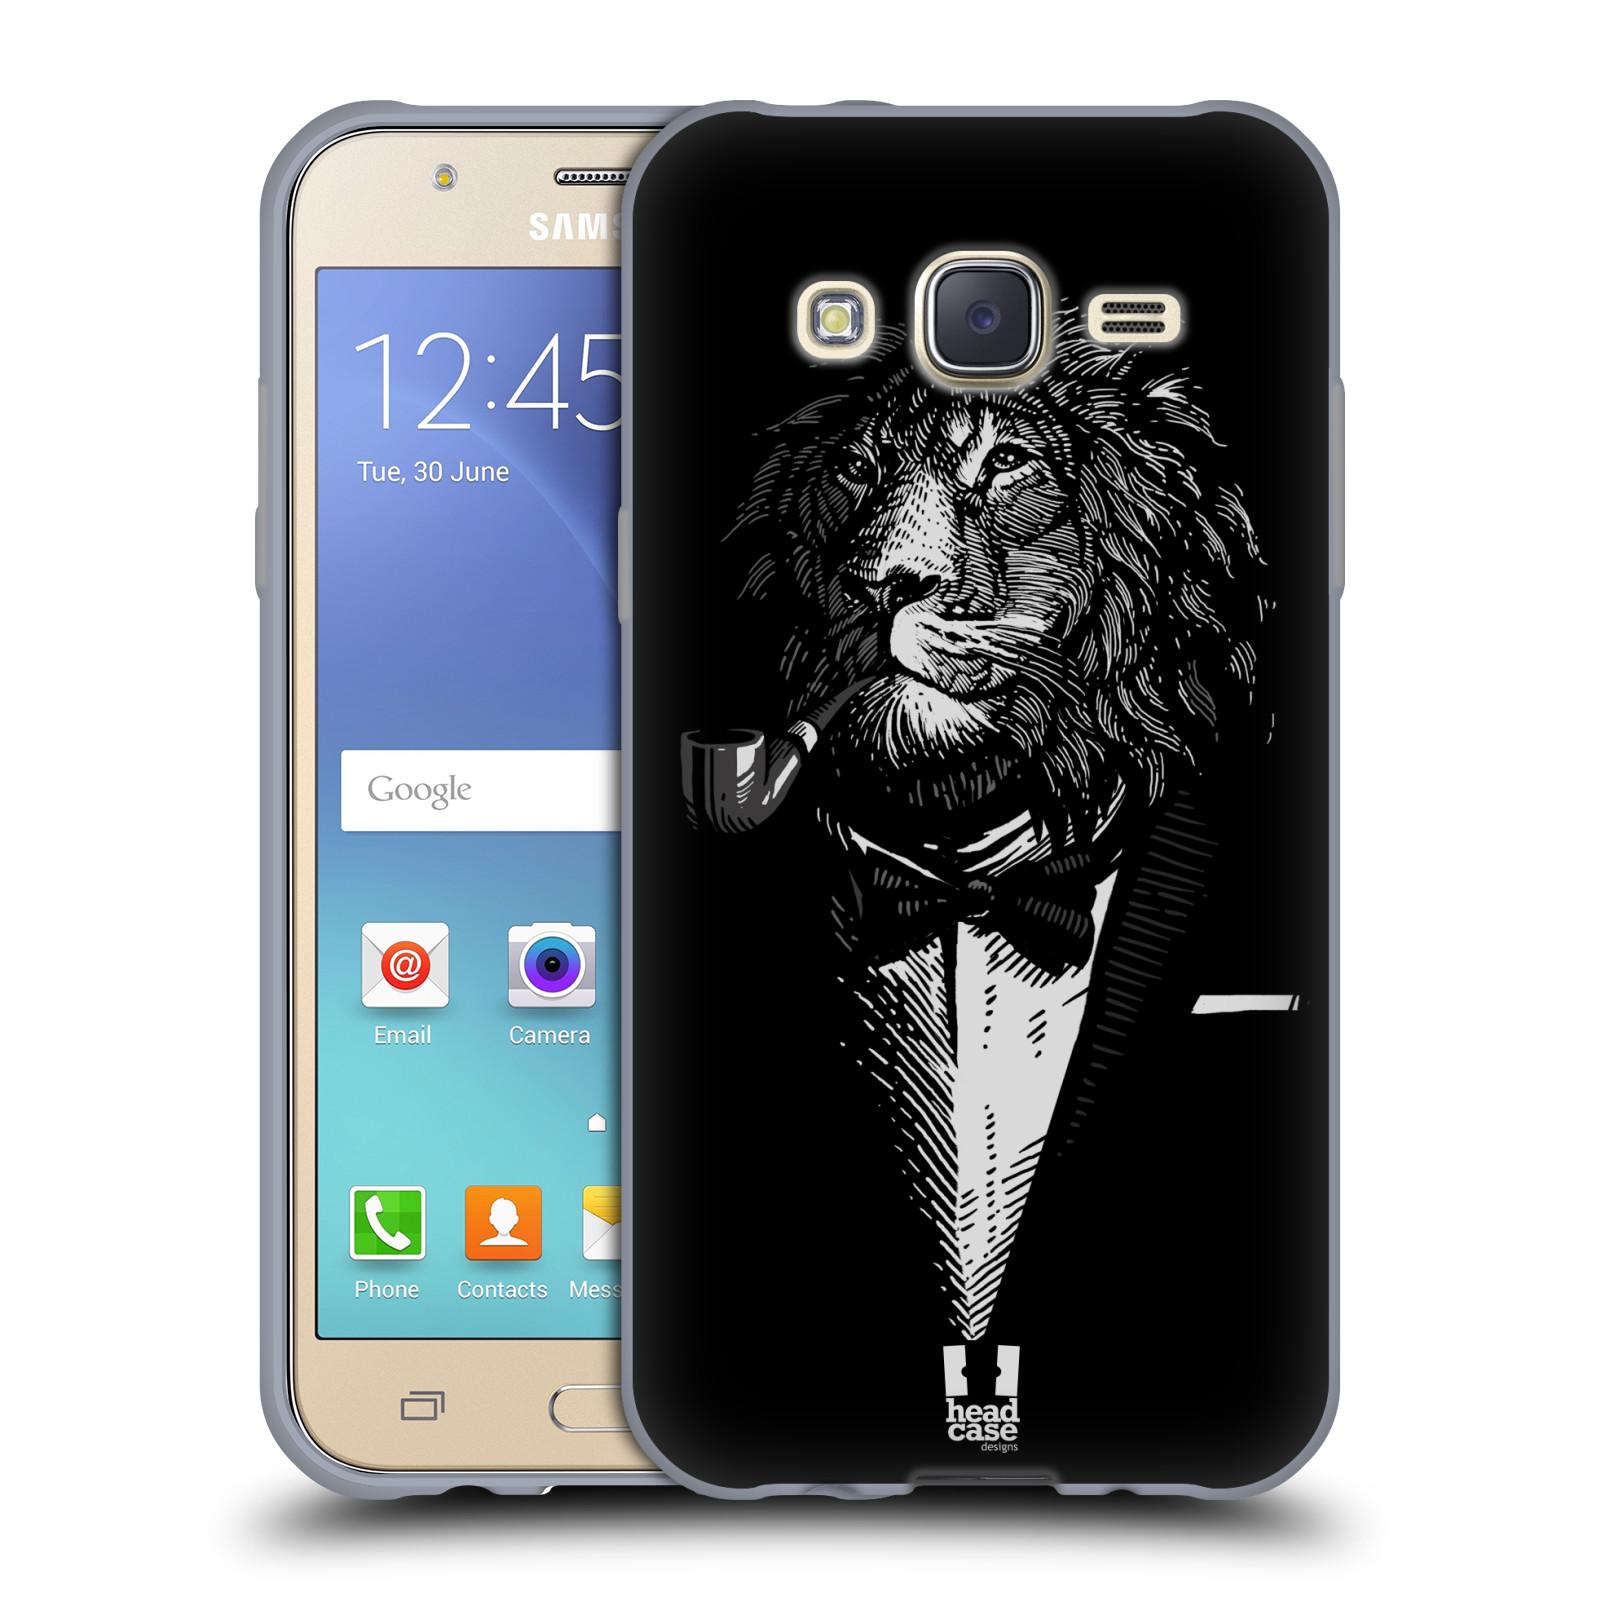 HEAD CASE silikonový obal na mobil Samsung Galaxy J5, J500, (J5 DUOS) vzor Zvíře v obleku lev